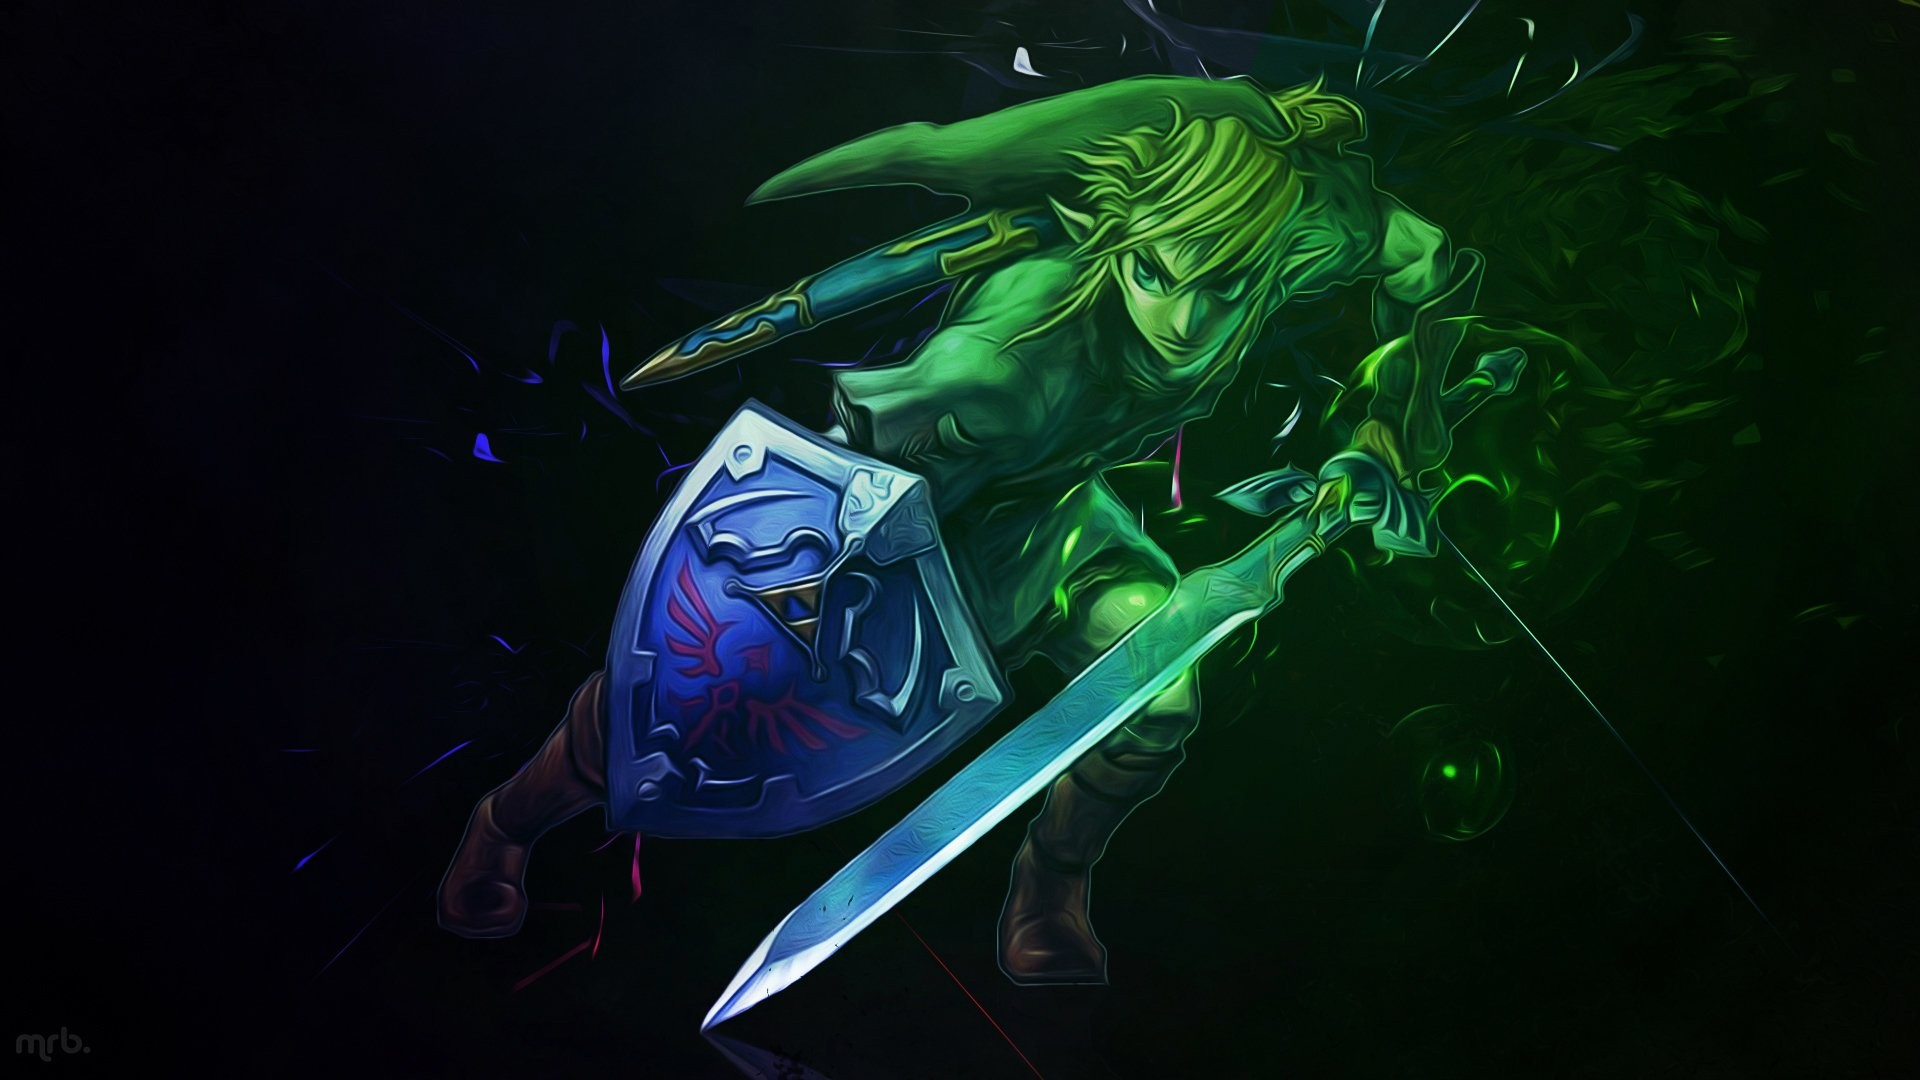 Zelda Wallpaper Download Free Stunning Hd Wallpapers Of Zelda